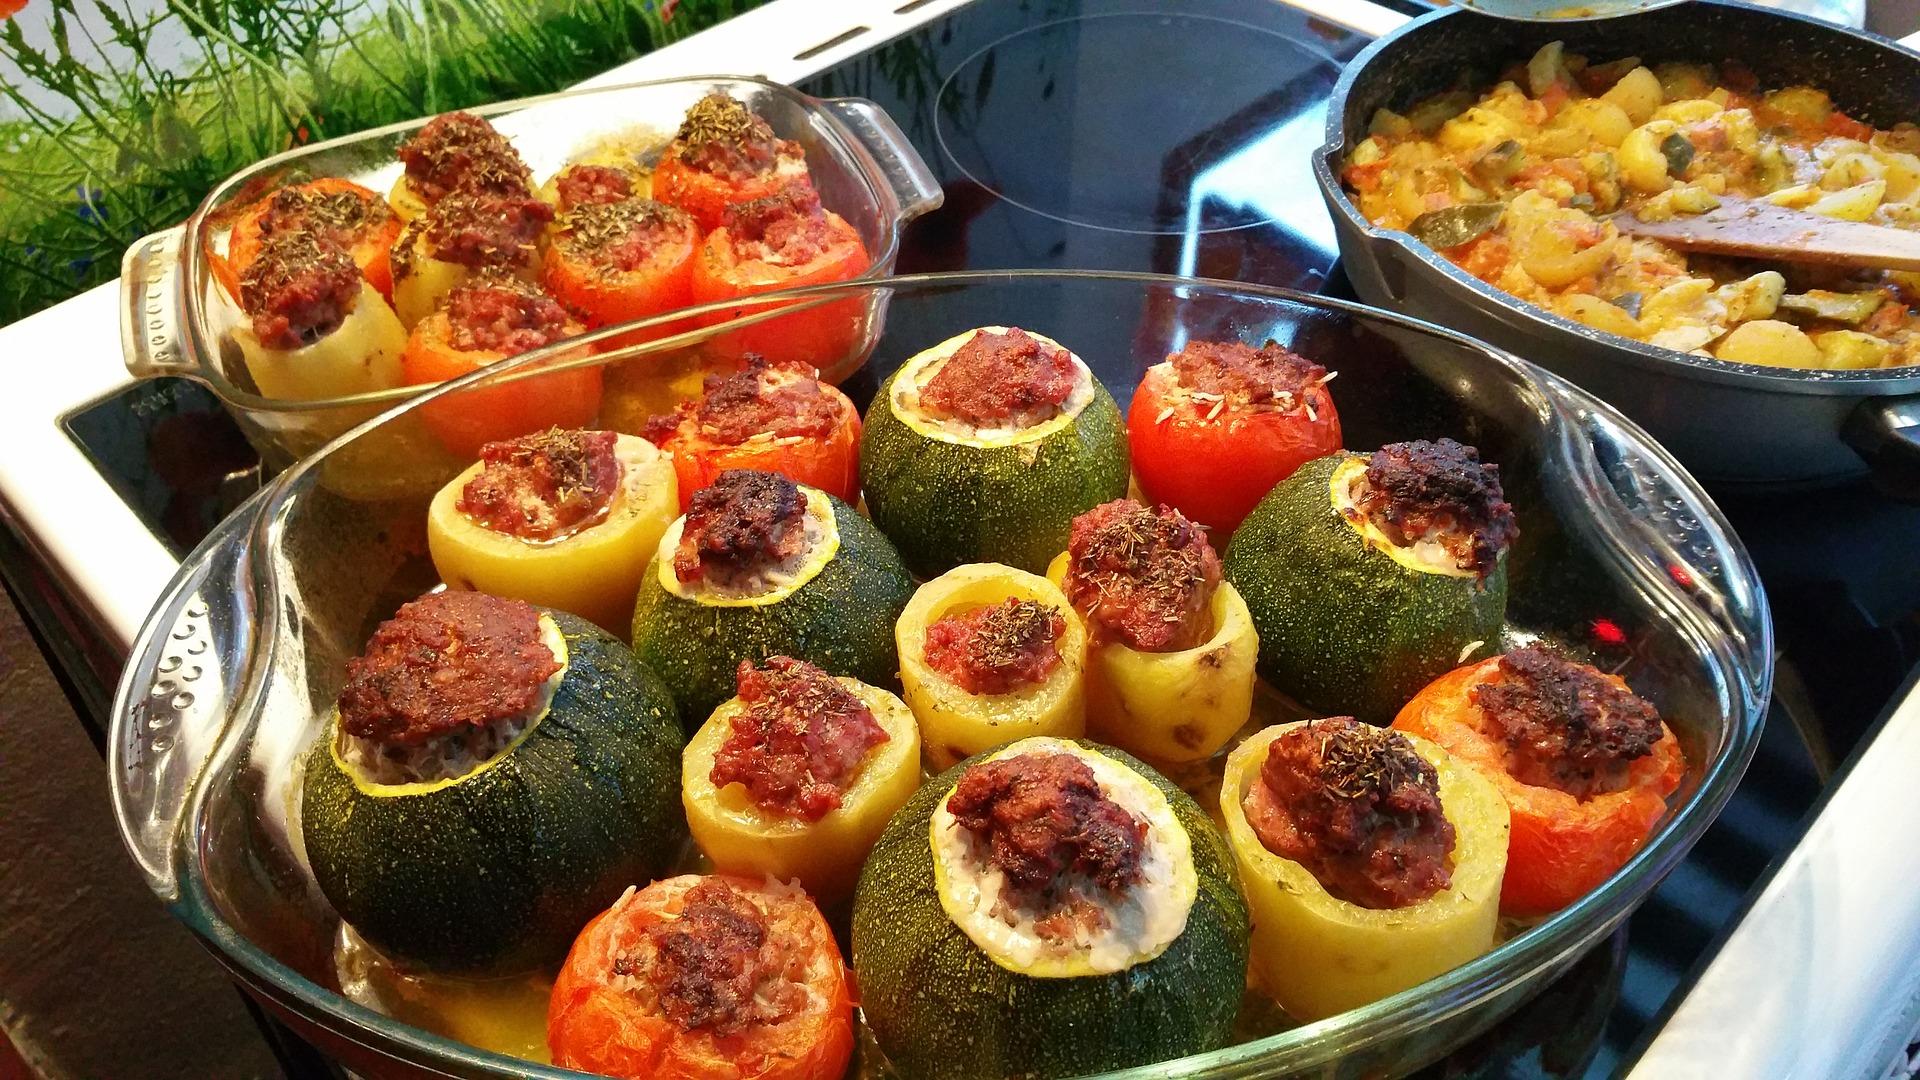 zucchine ripiene al forno con carne macinata